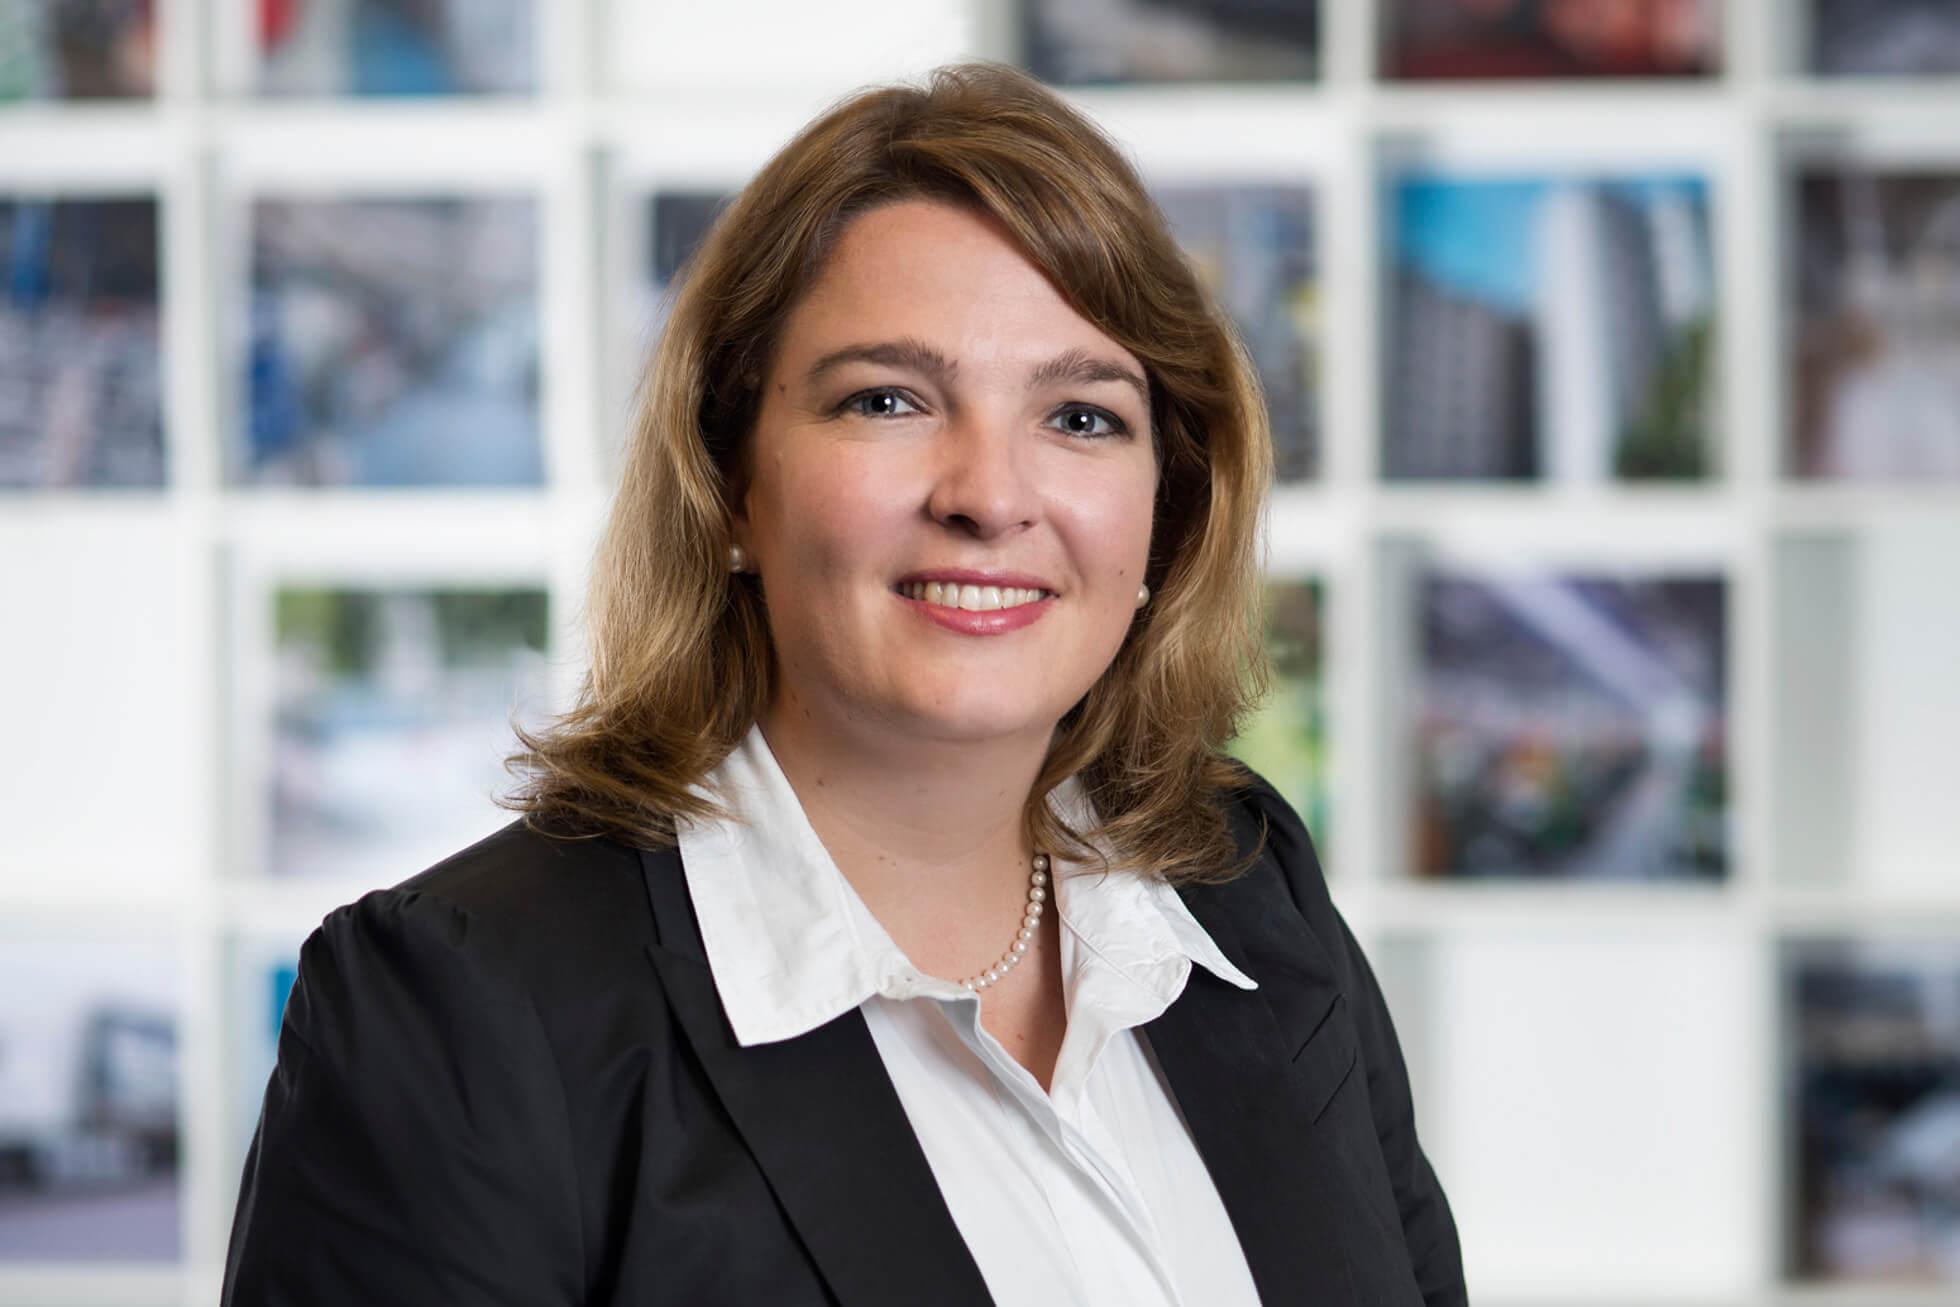 Annemarie Dhonau ist Insolvenzverwalterin bei Kanzlei Schiebe und Collegen an den Standorten Bad-Kreuznach und Idar-Oberstein.